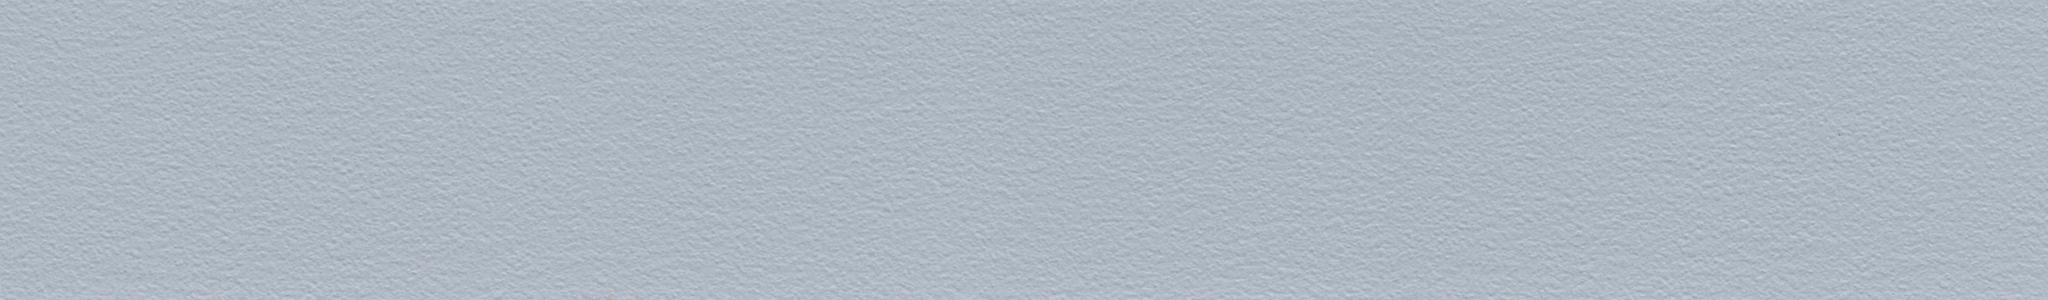 HU 156196 ABS Edge Blue Soft Pearl 107